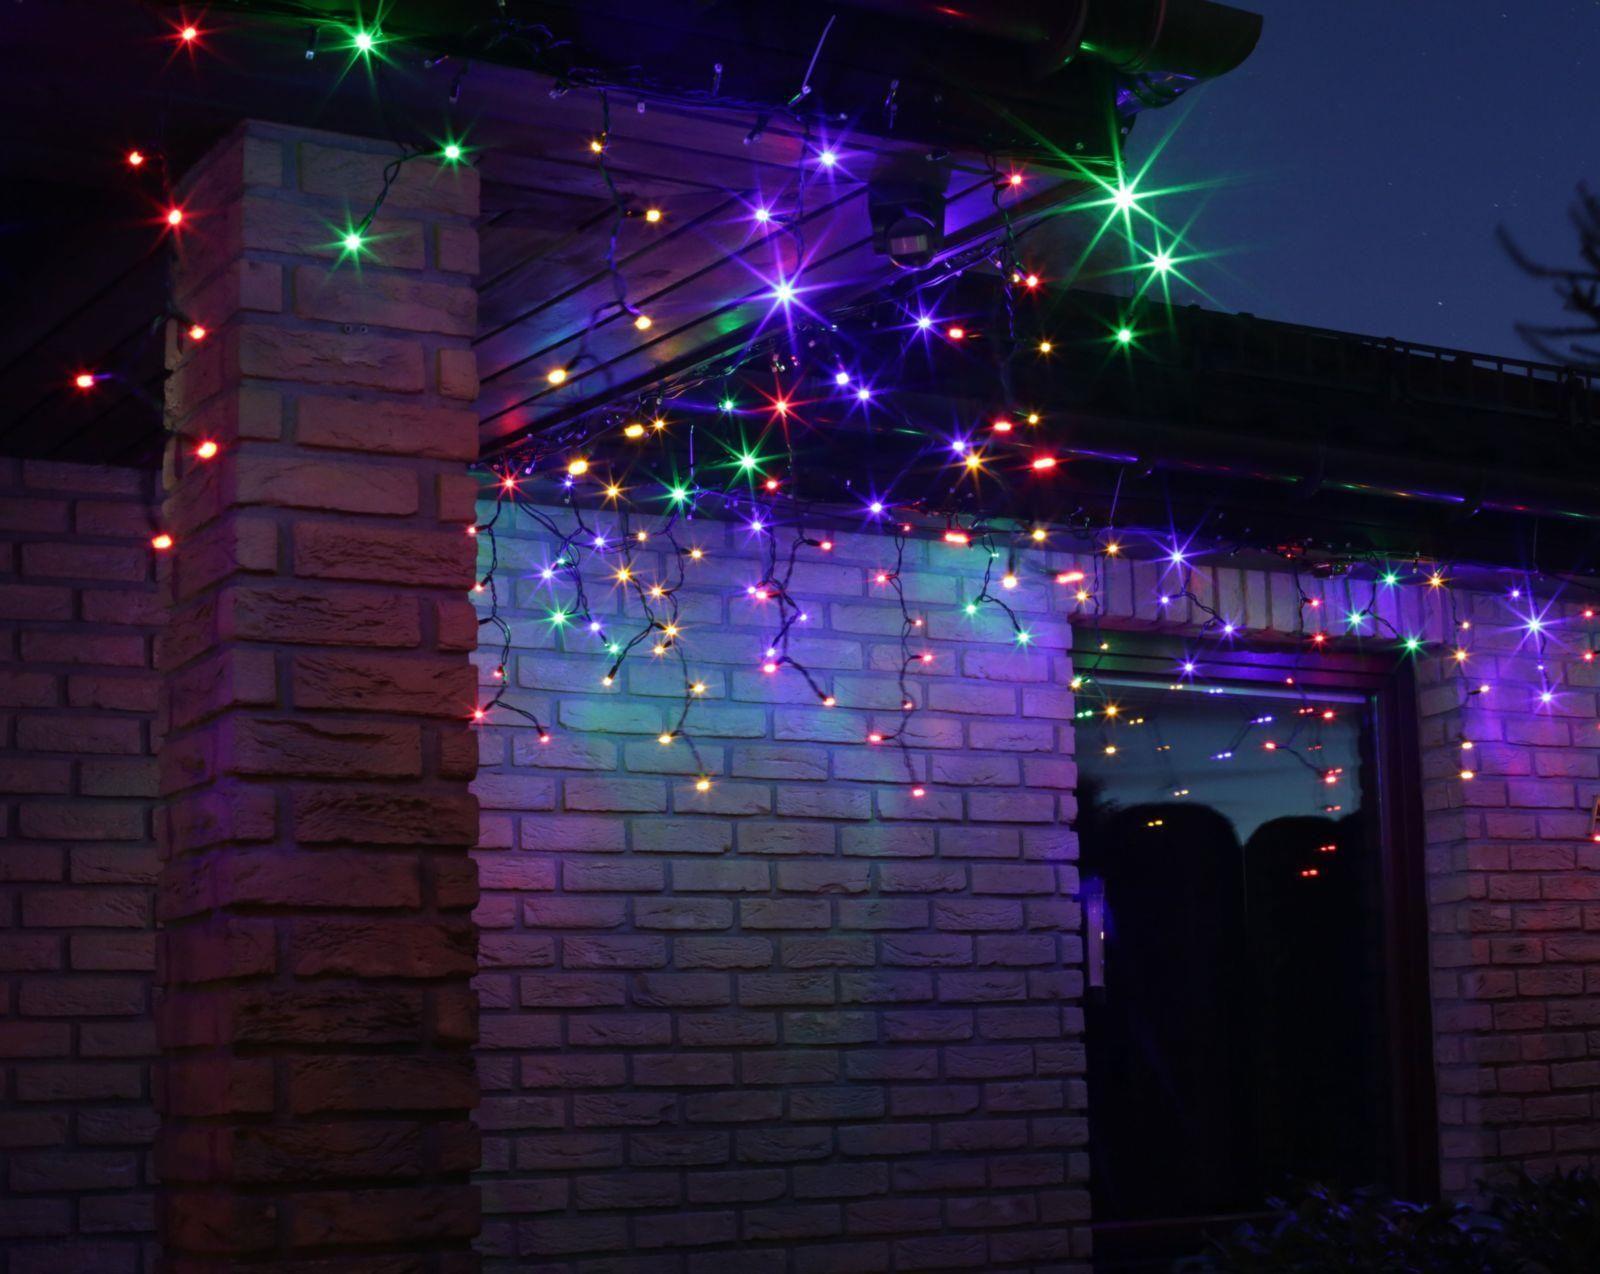 Oświetlenie świąteczne Zewnętrzne Oferty 2019 Na Ceneopl